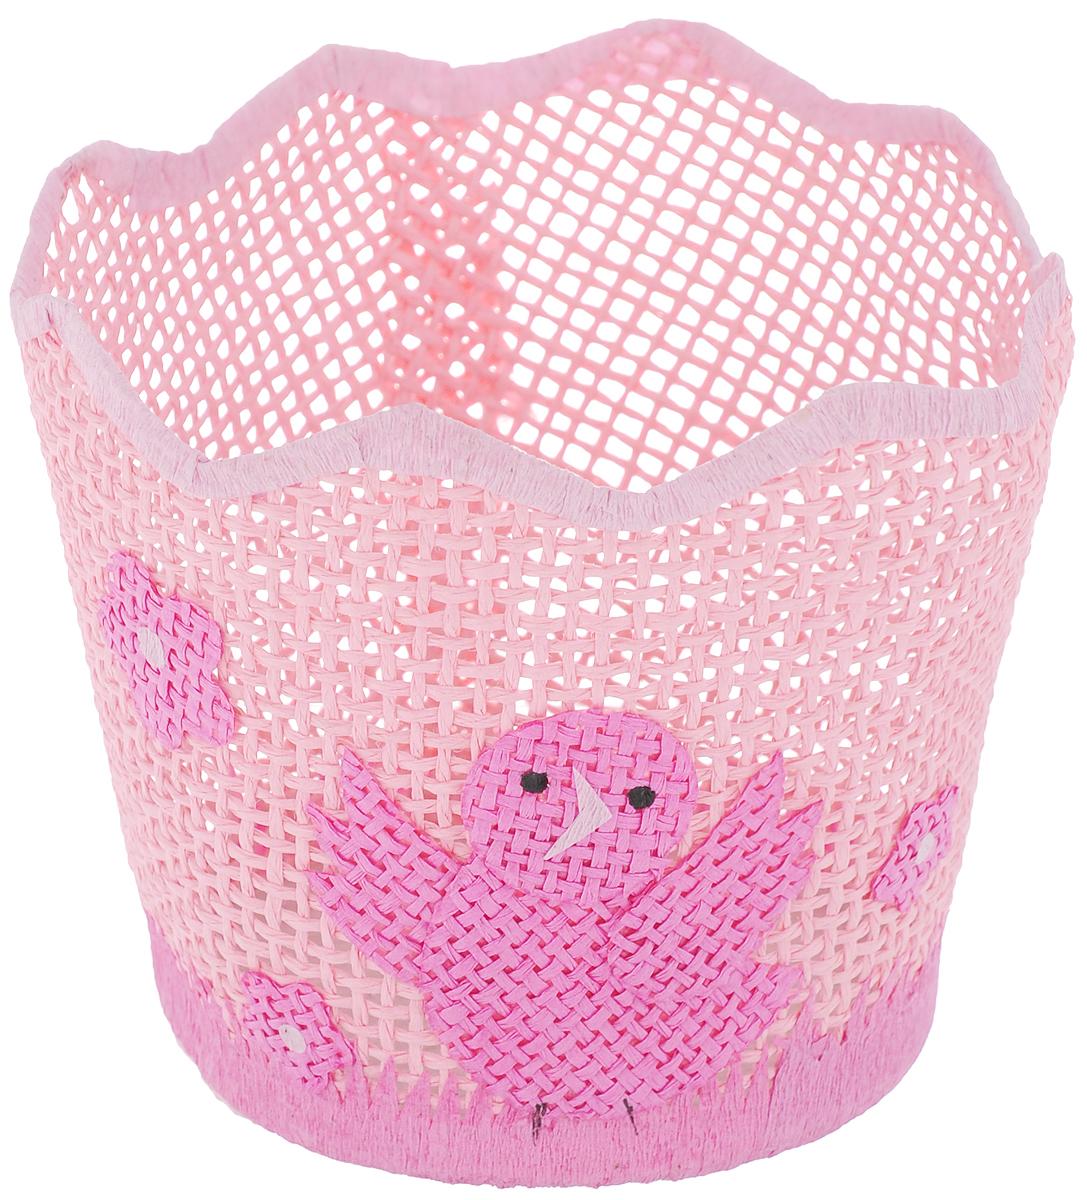 Корзина декоративная Home Queen Птичка-невеличка, цвет: розовый, диаметр 13 см64324_4Декоративная корзинка Home Queen Птичка-невеличка станет замечательным украшением интерьера на Пасху. Корзинка выполнена из прочной бумаги под плетение, дно изготовлено из плотного картона. Изделие декорировано изображением птички и цветов. Такая корзинка дополнит праздничный интерьер вашего дома и создаст особое весеннее настроение. Изделие отлично подходит для хранения пасхальных яиц или кулича.